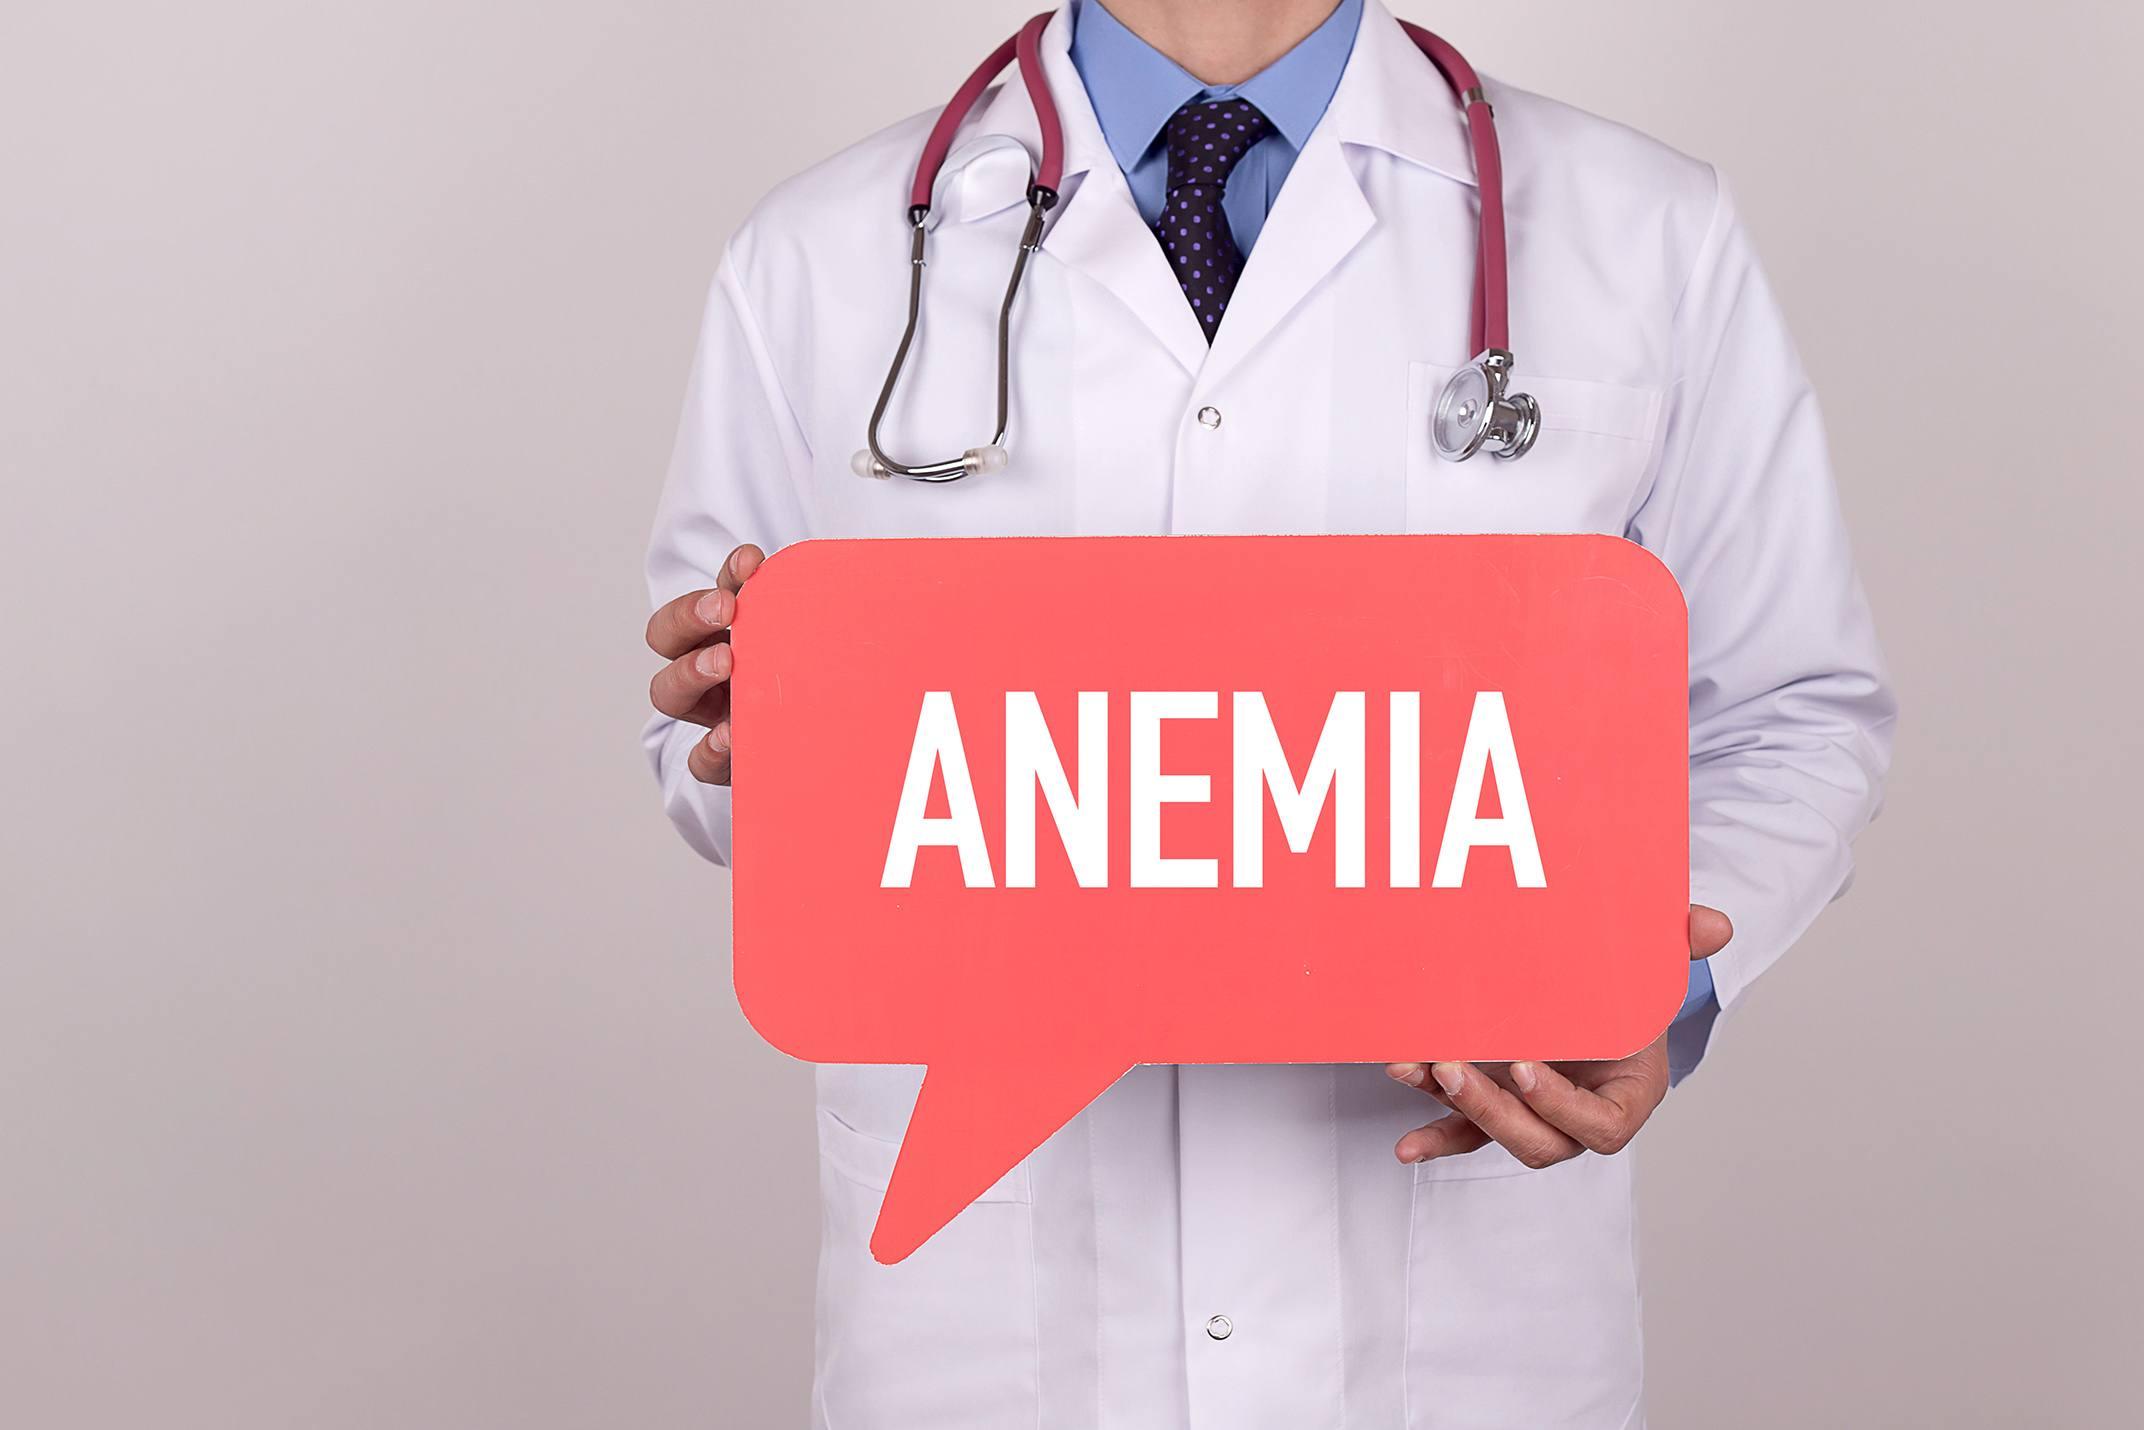 Suplementação de Vitamina E Promove Melhora dos Sinais Clínicos em Pacientes Anêmicos